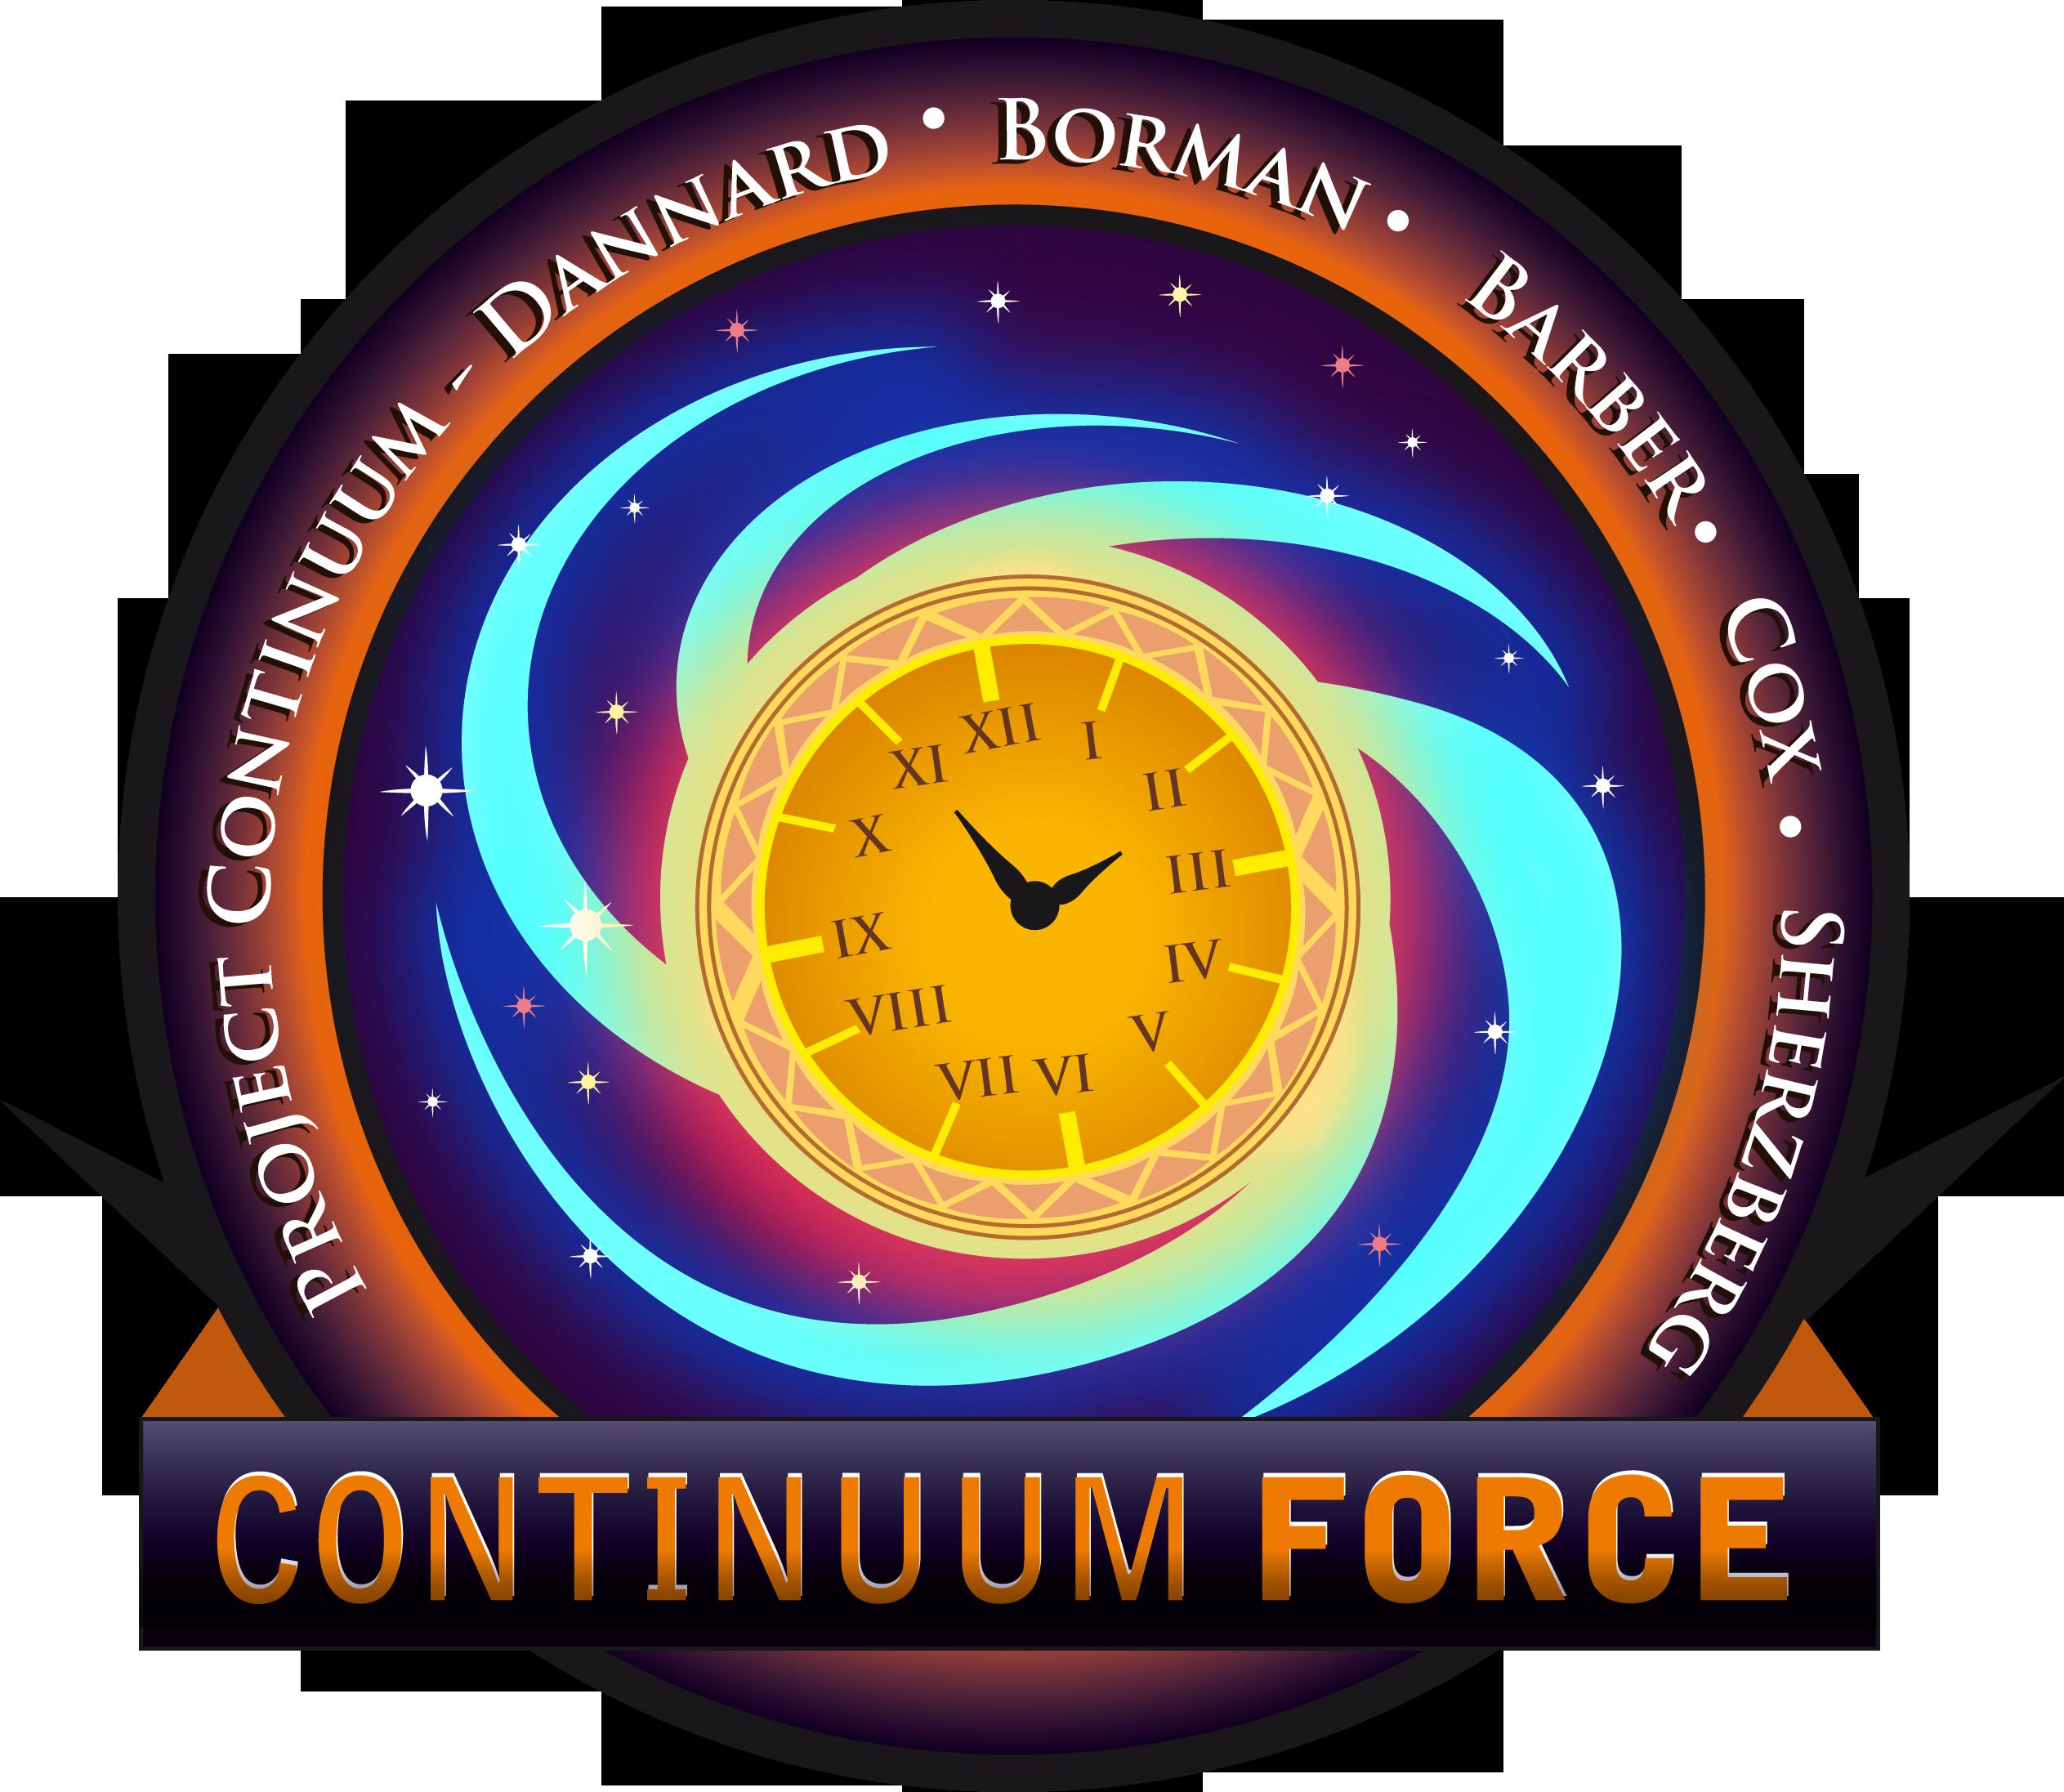 CONTINUUM FORCE